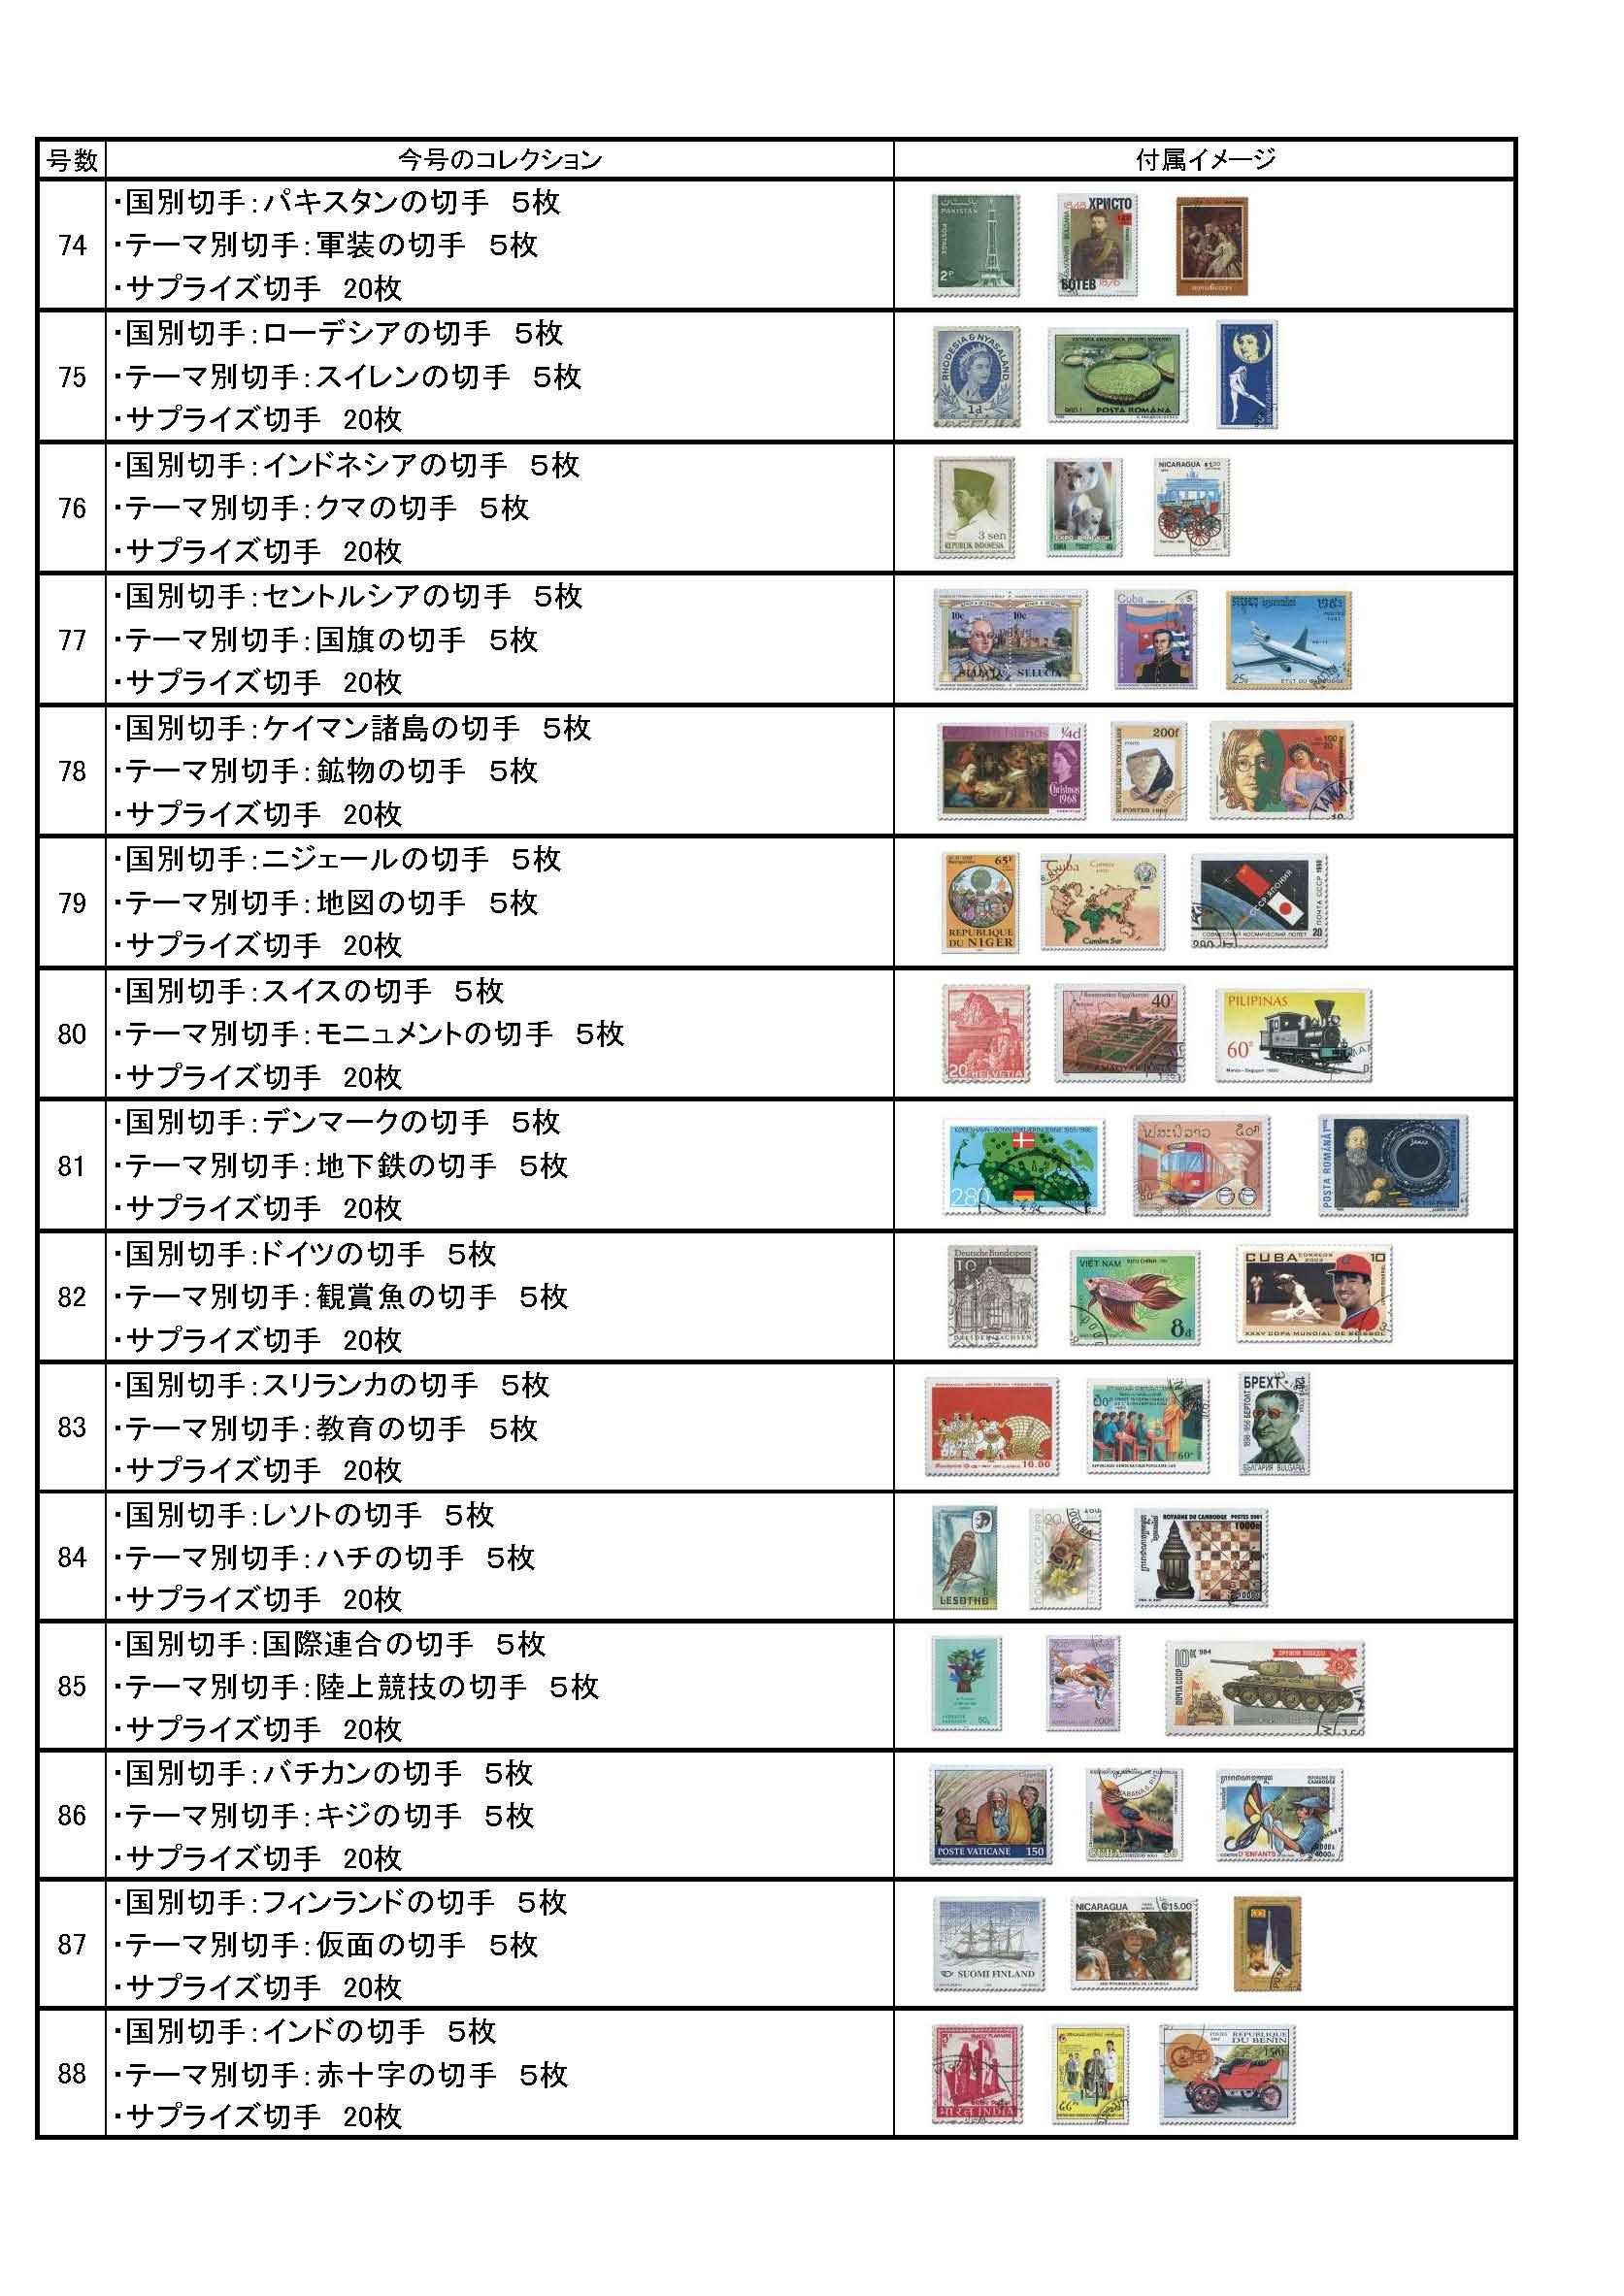 付属切手ラインナップ20170306_ページ_07.jpg